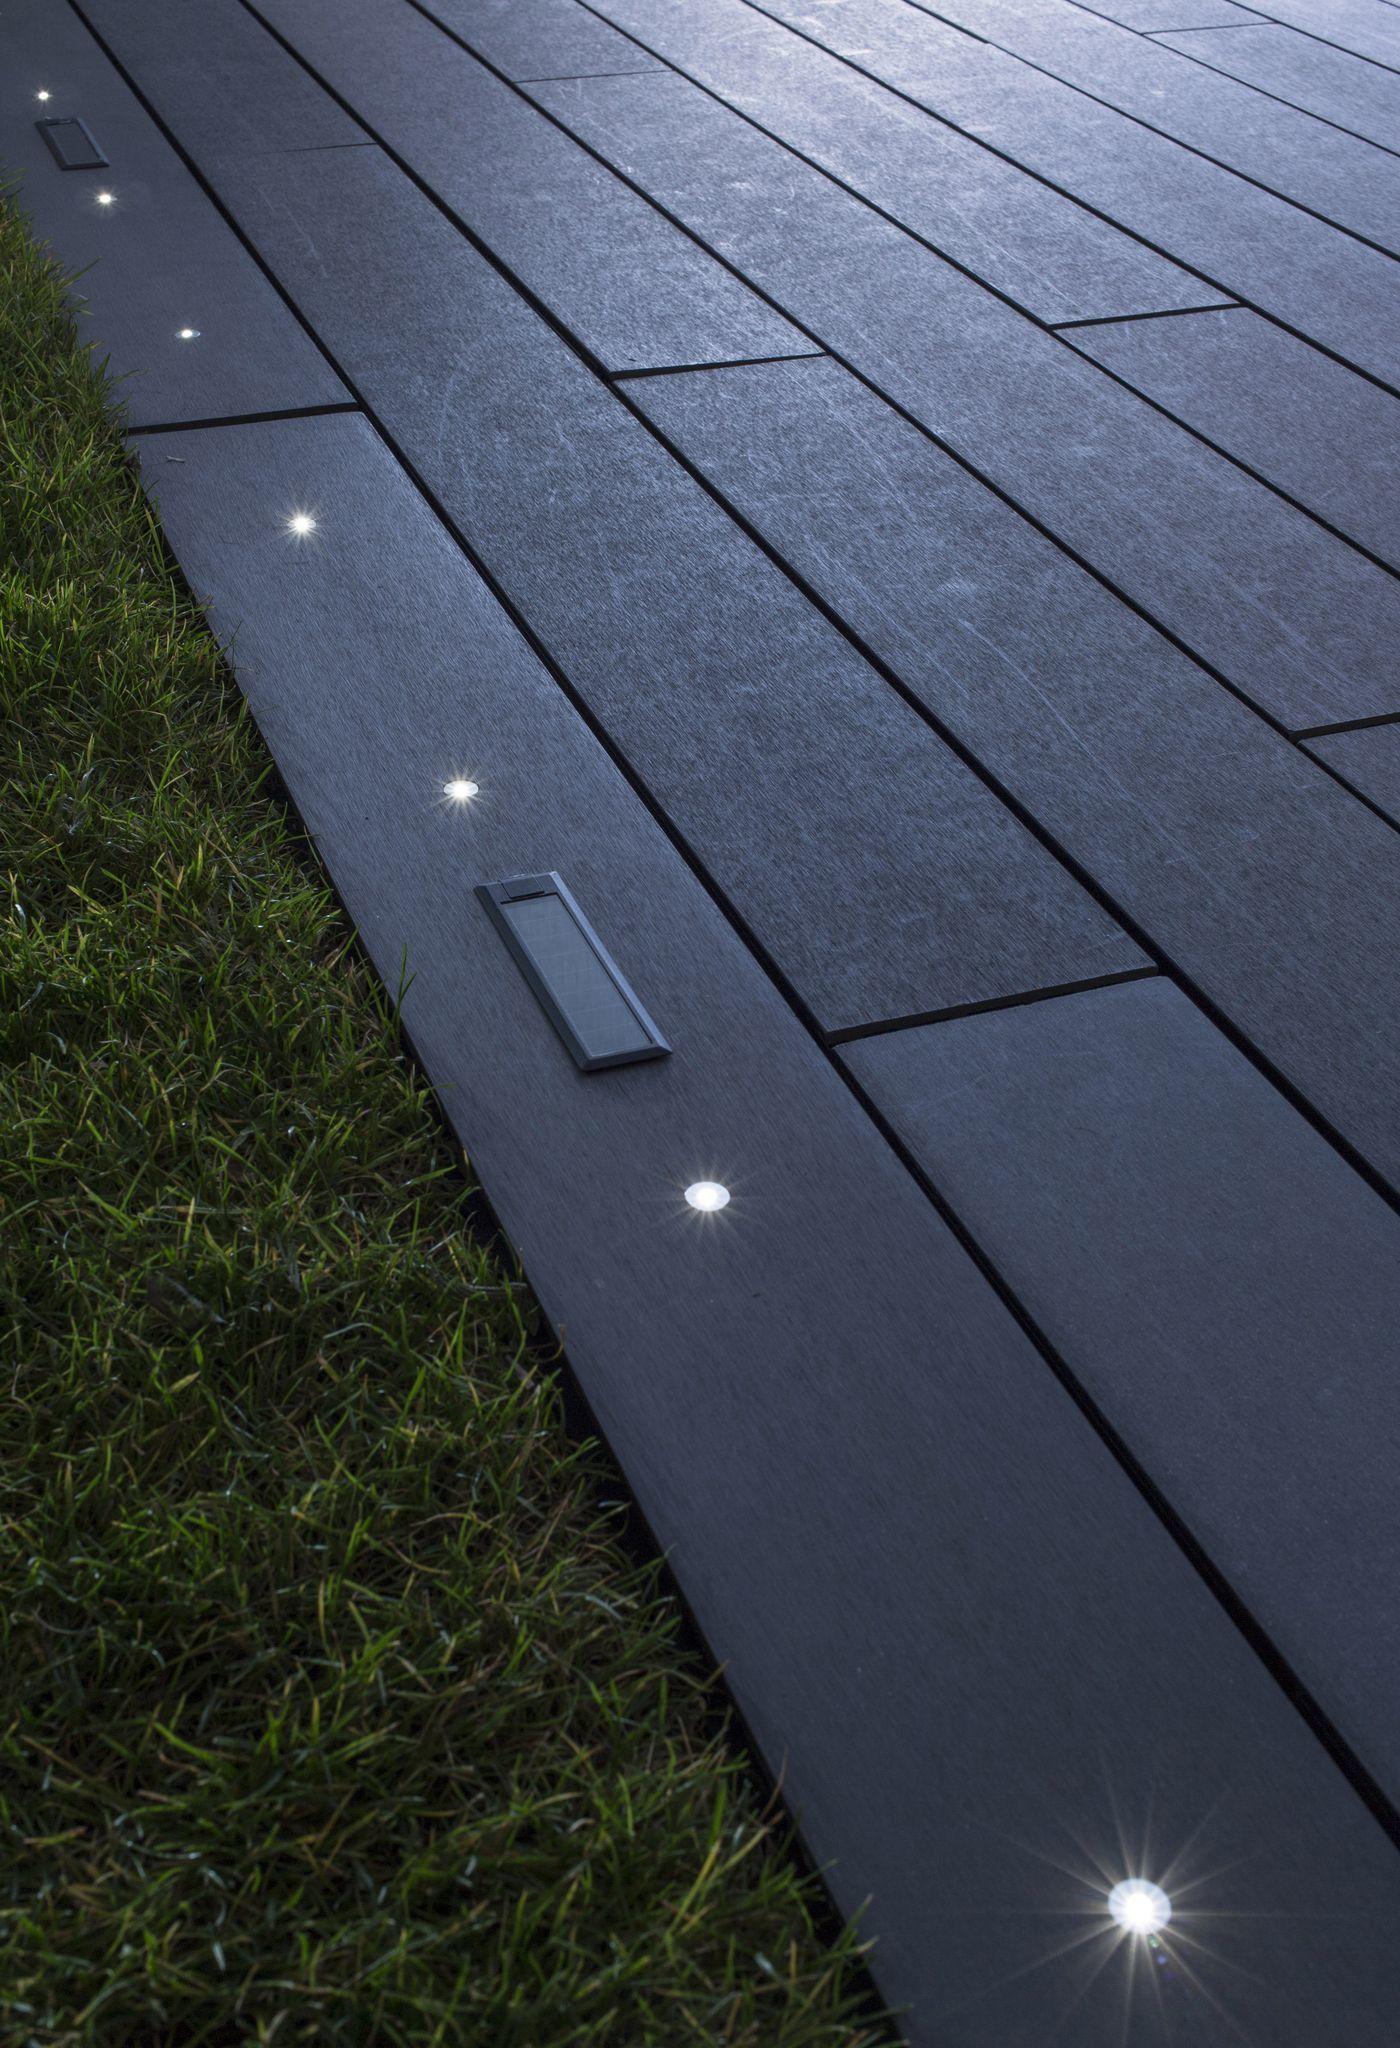 Eclairage Exterieur Lumieres Pour Mettre En Valeur La Terrasse Eclairage Exterieur Terrasse Eclairage Exterieur Et Eclairage Terrasse